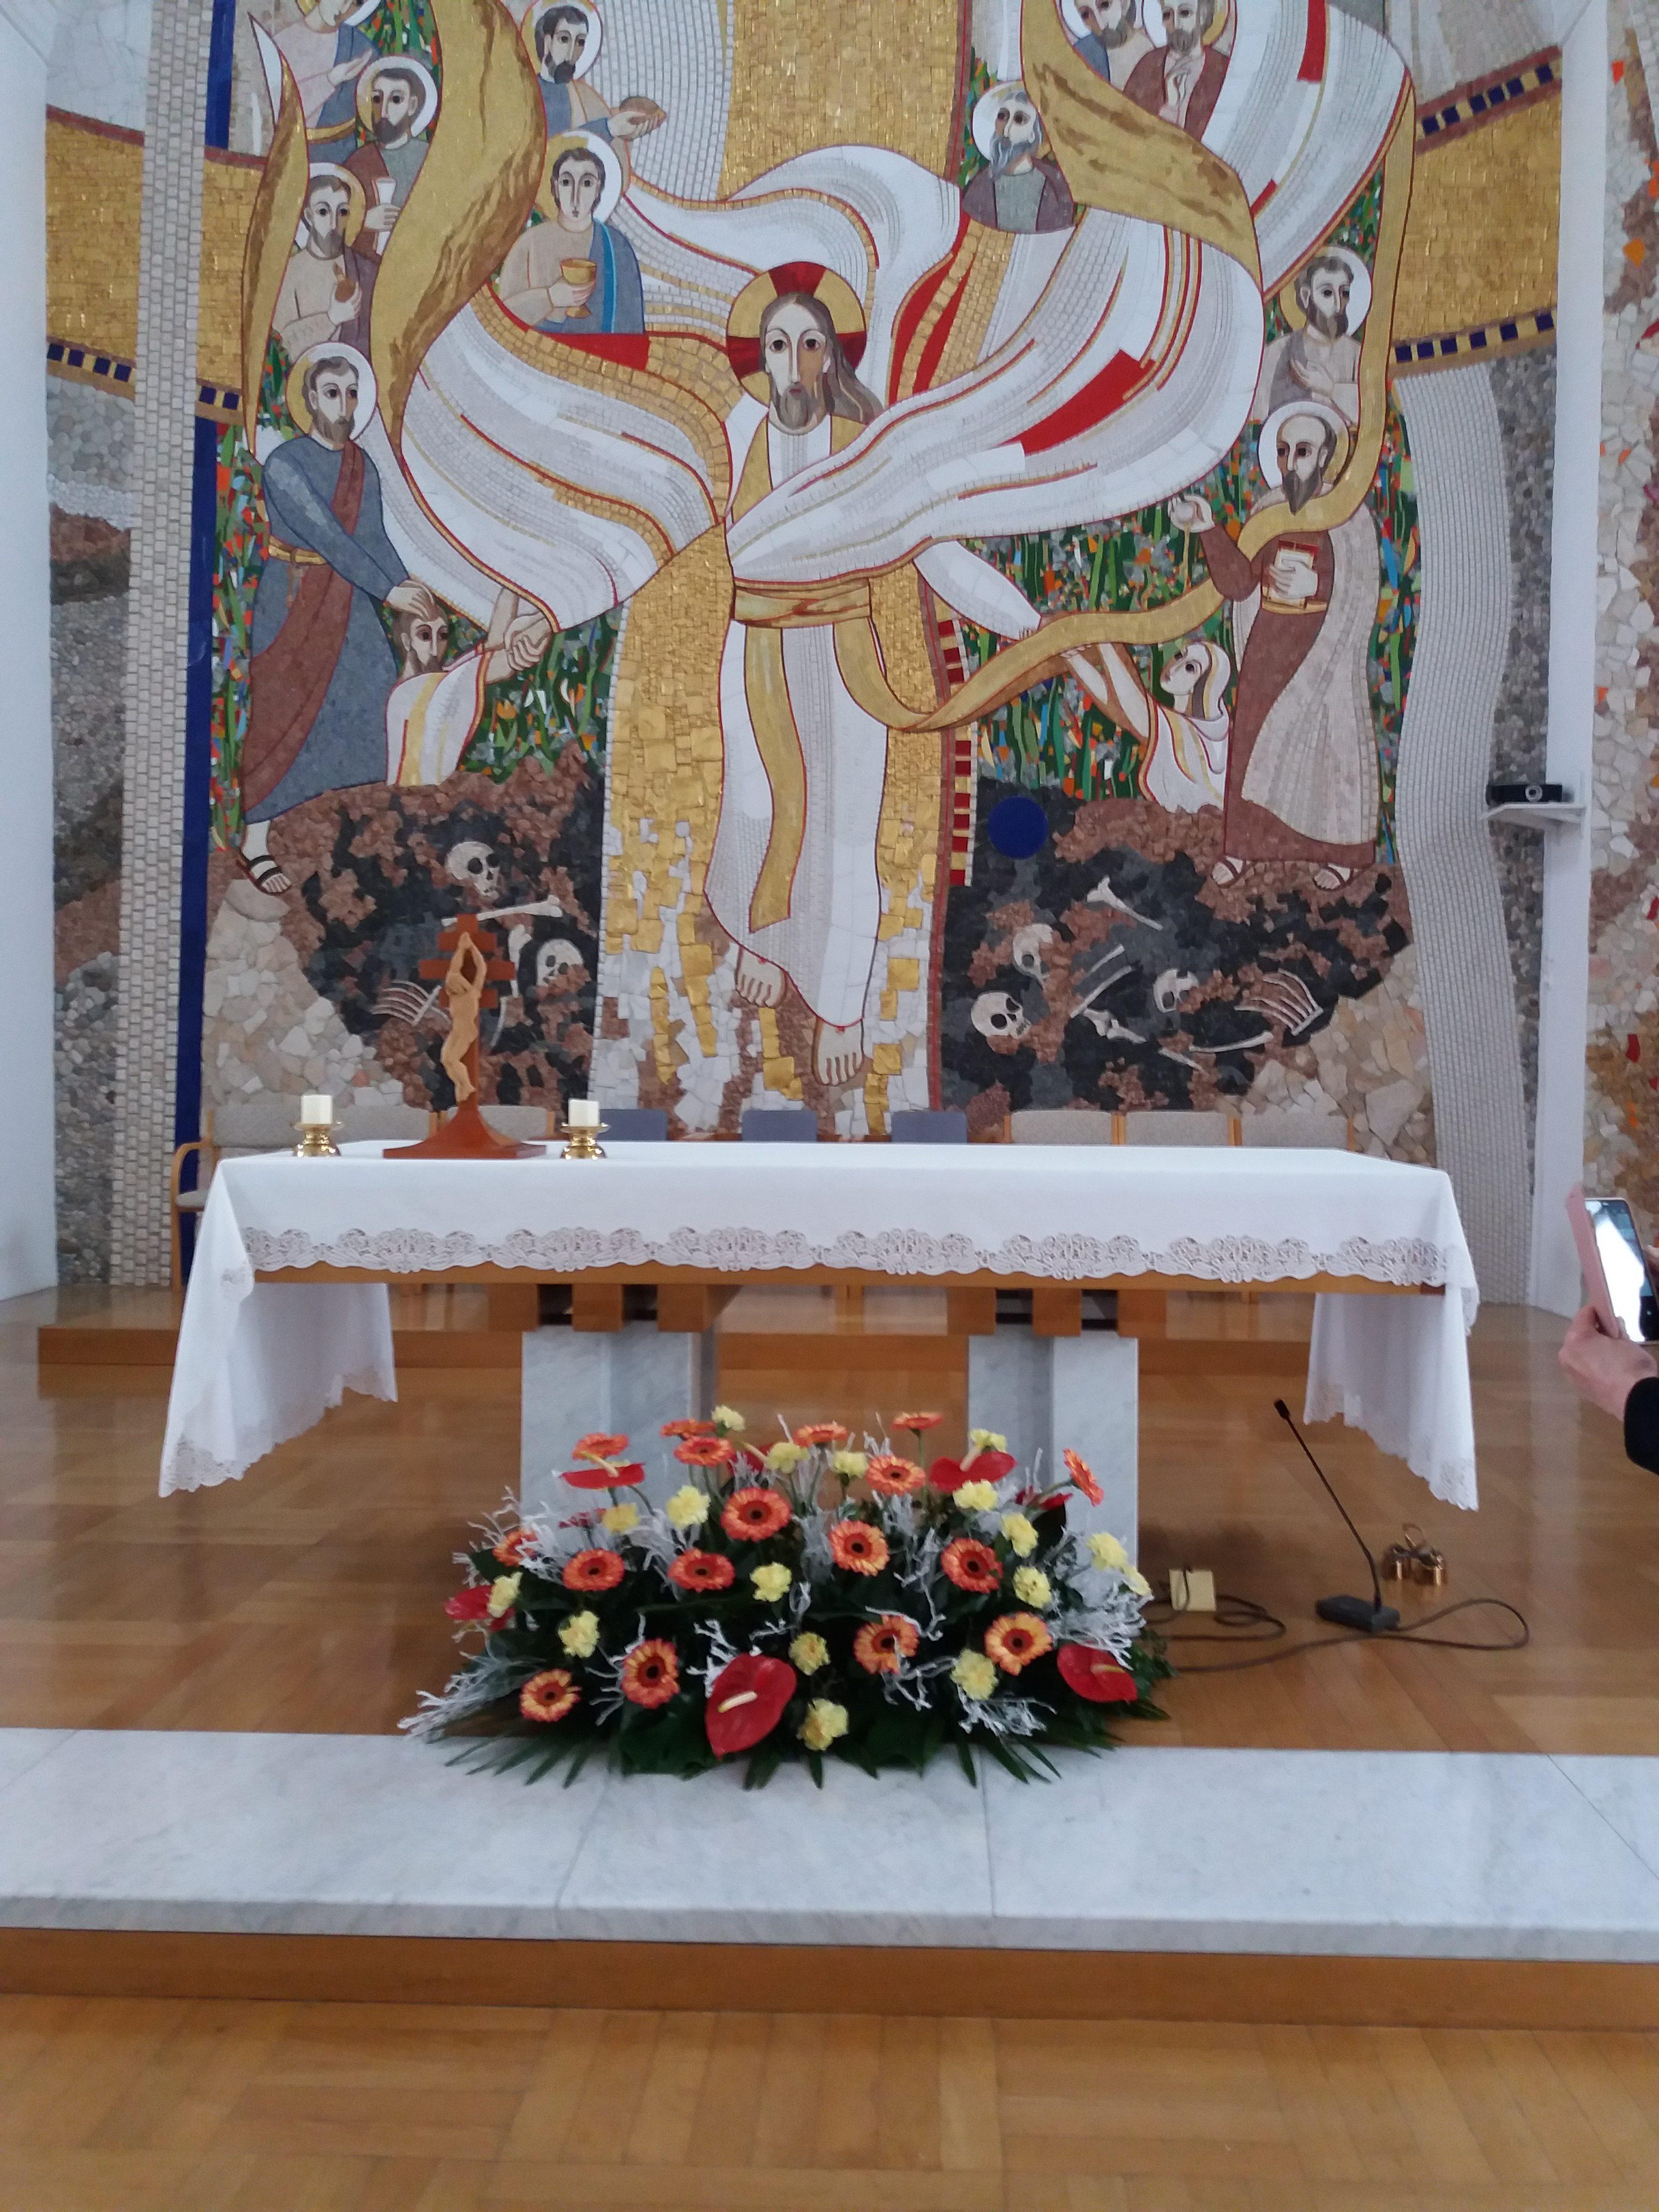 Skupina krasilcev je pripravila ikebani za okrasitev oltarja in ambona v kapeli Zavoda Sv. Stanislava.